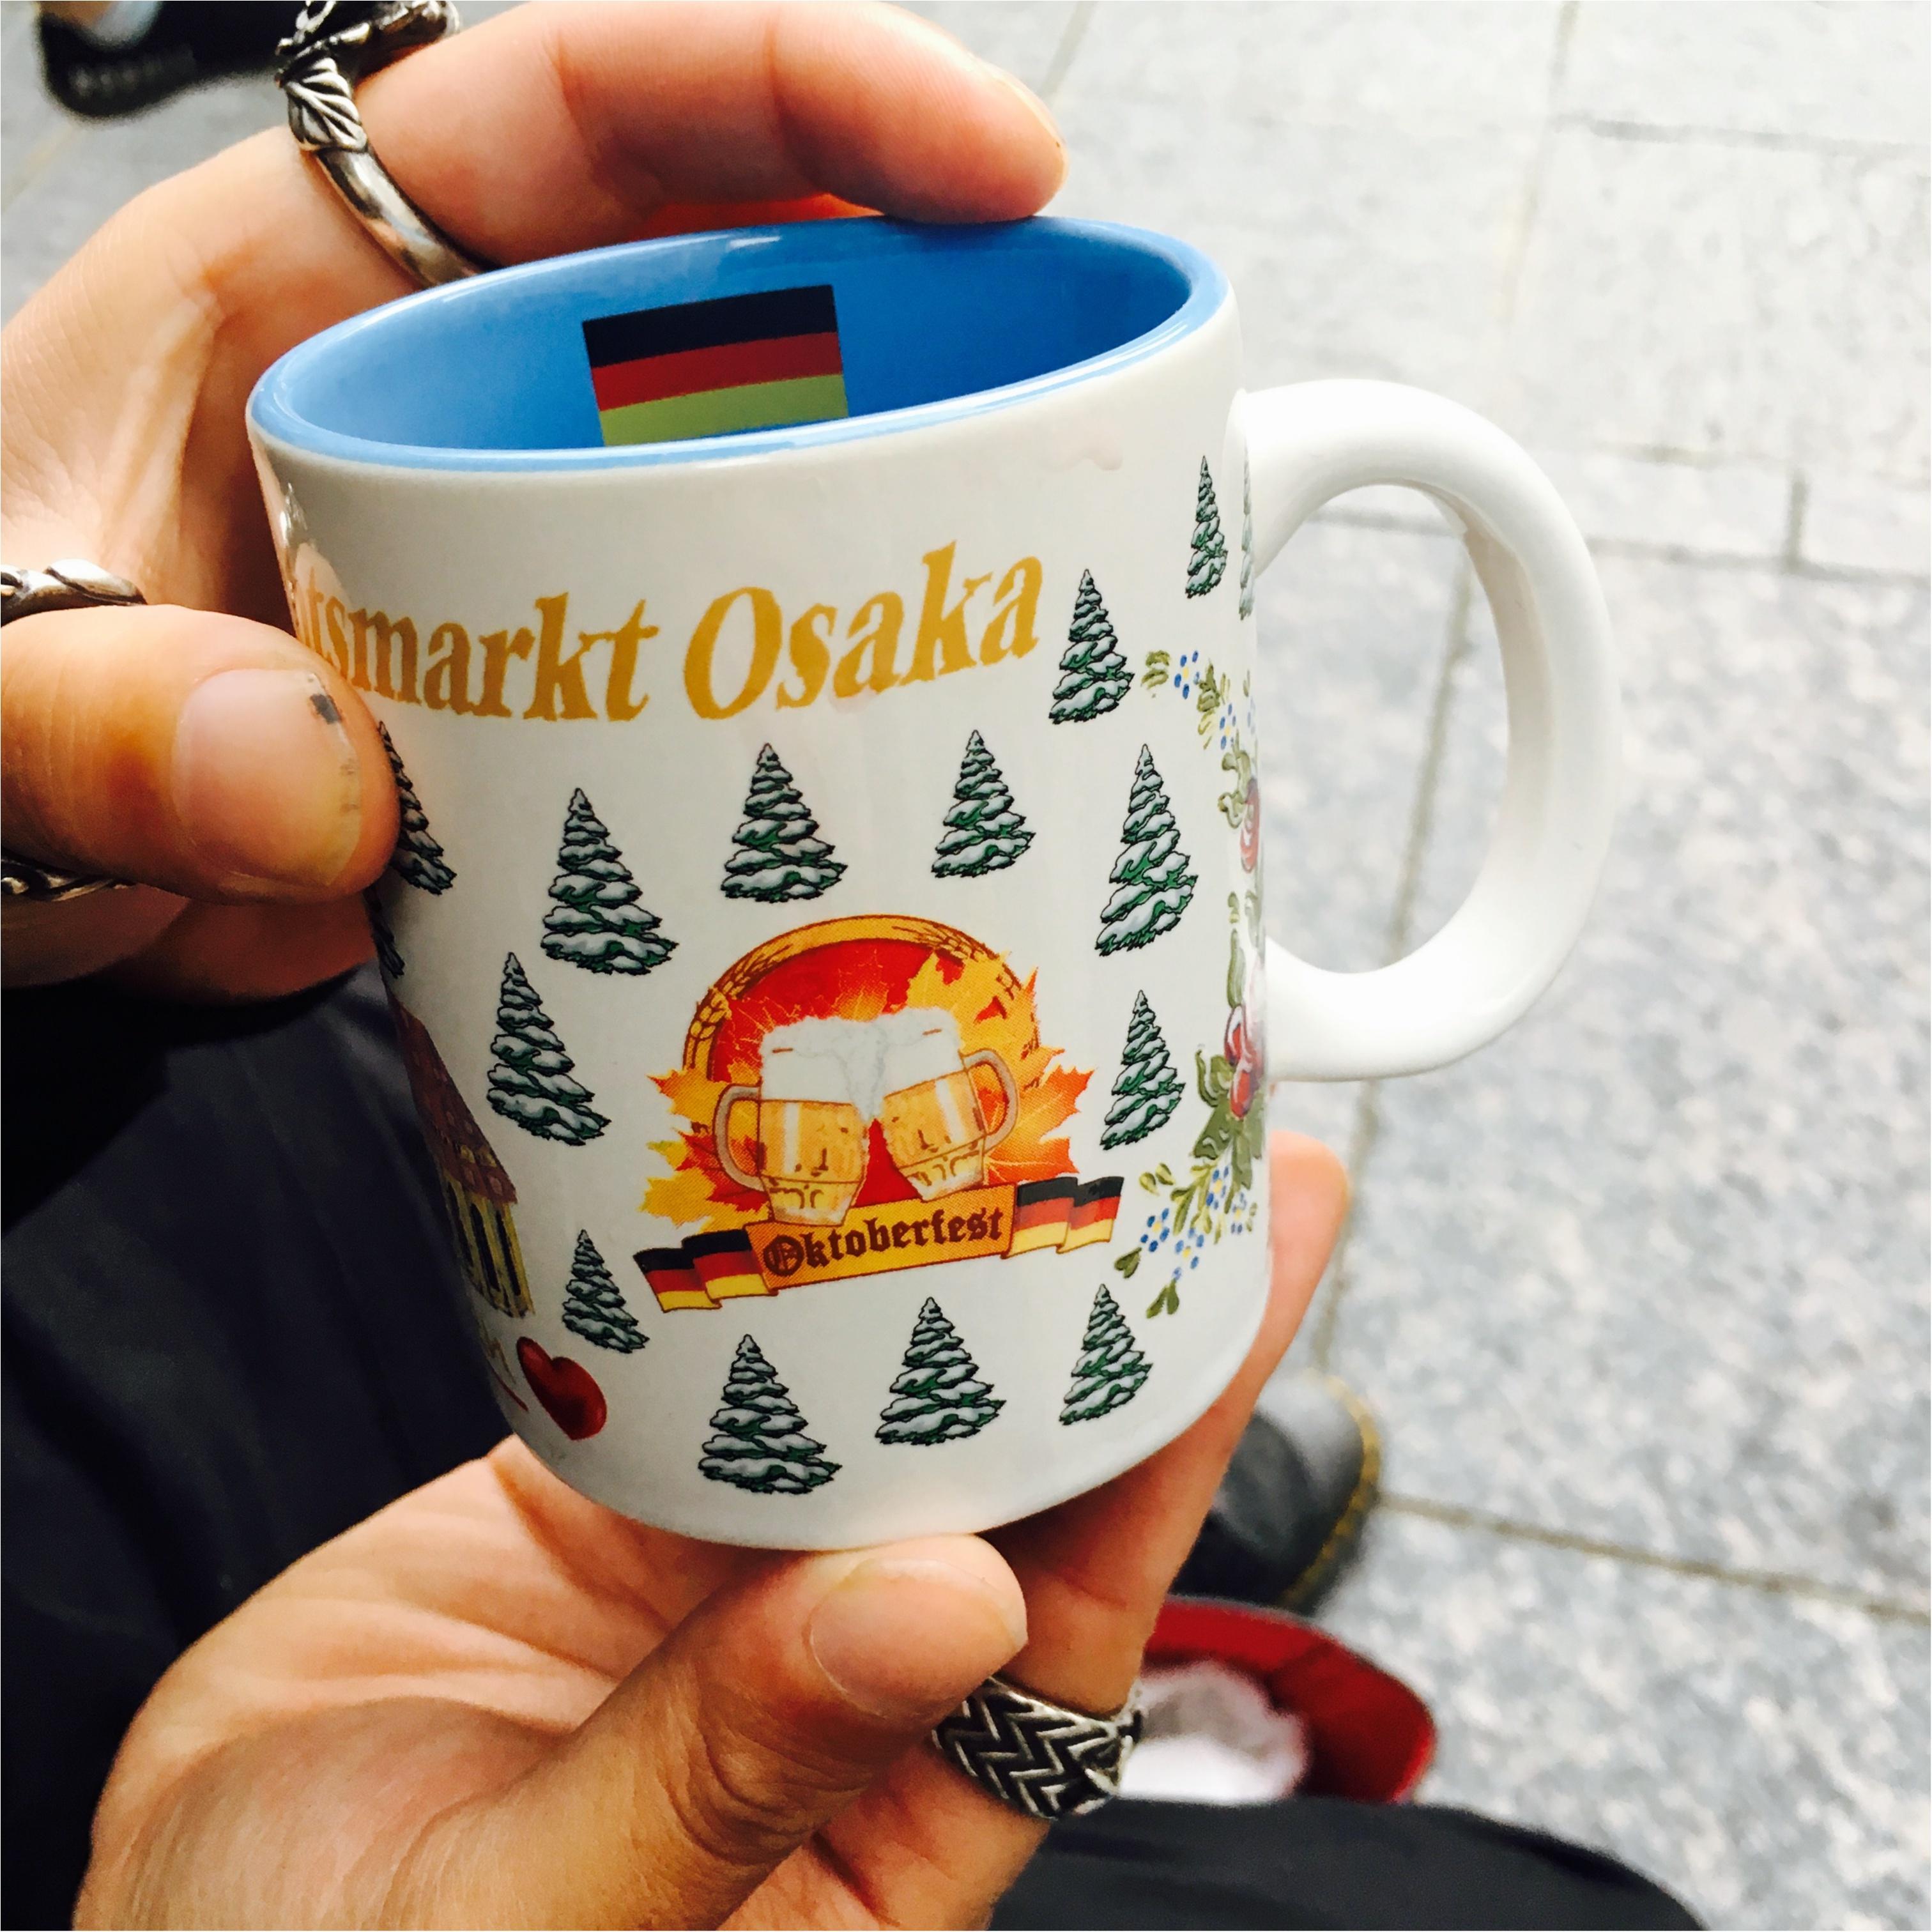 【大阪スカイビル】で開催中の≪ドイツ クリスマスマーケット≫に行ってきました!限定マグカップが今年もかわいすぎるっ!_2